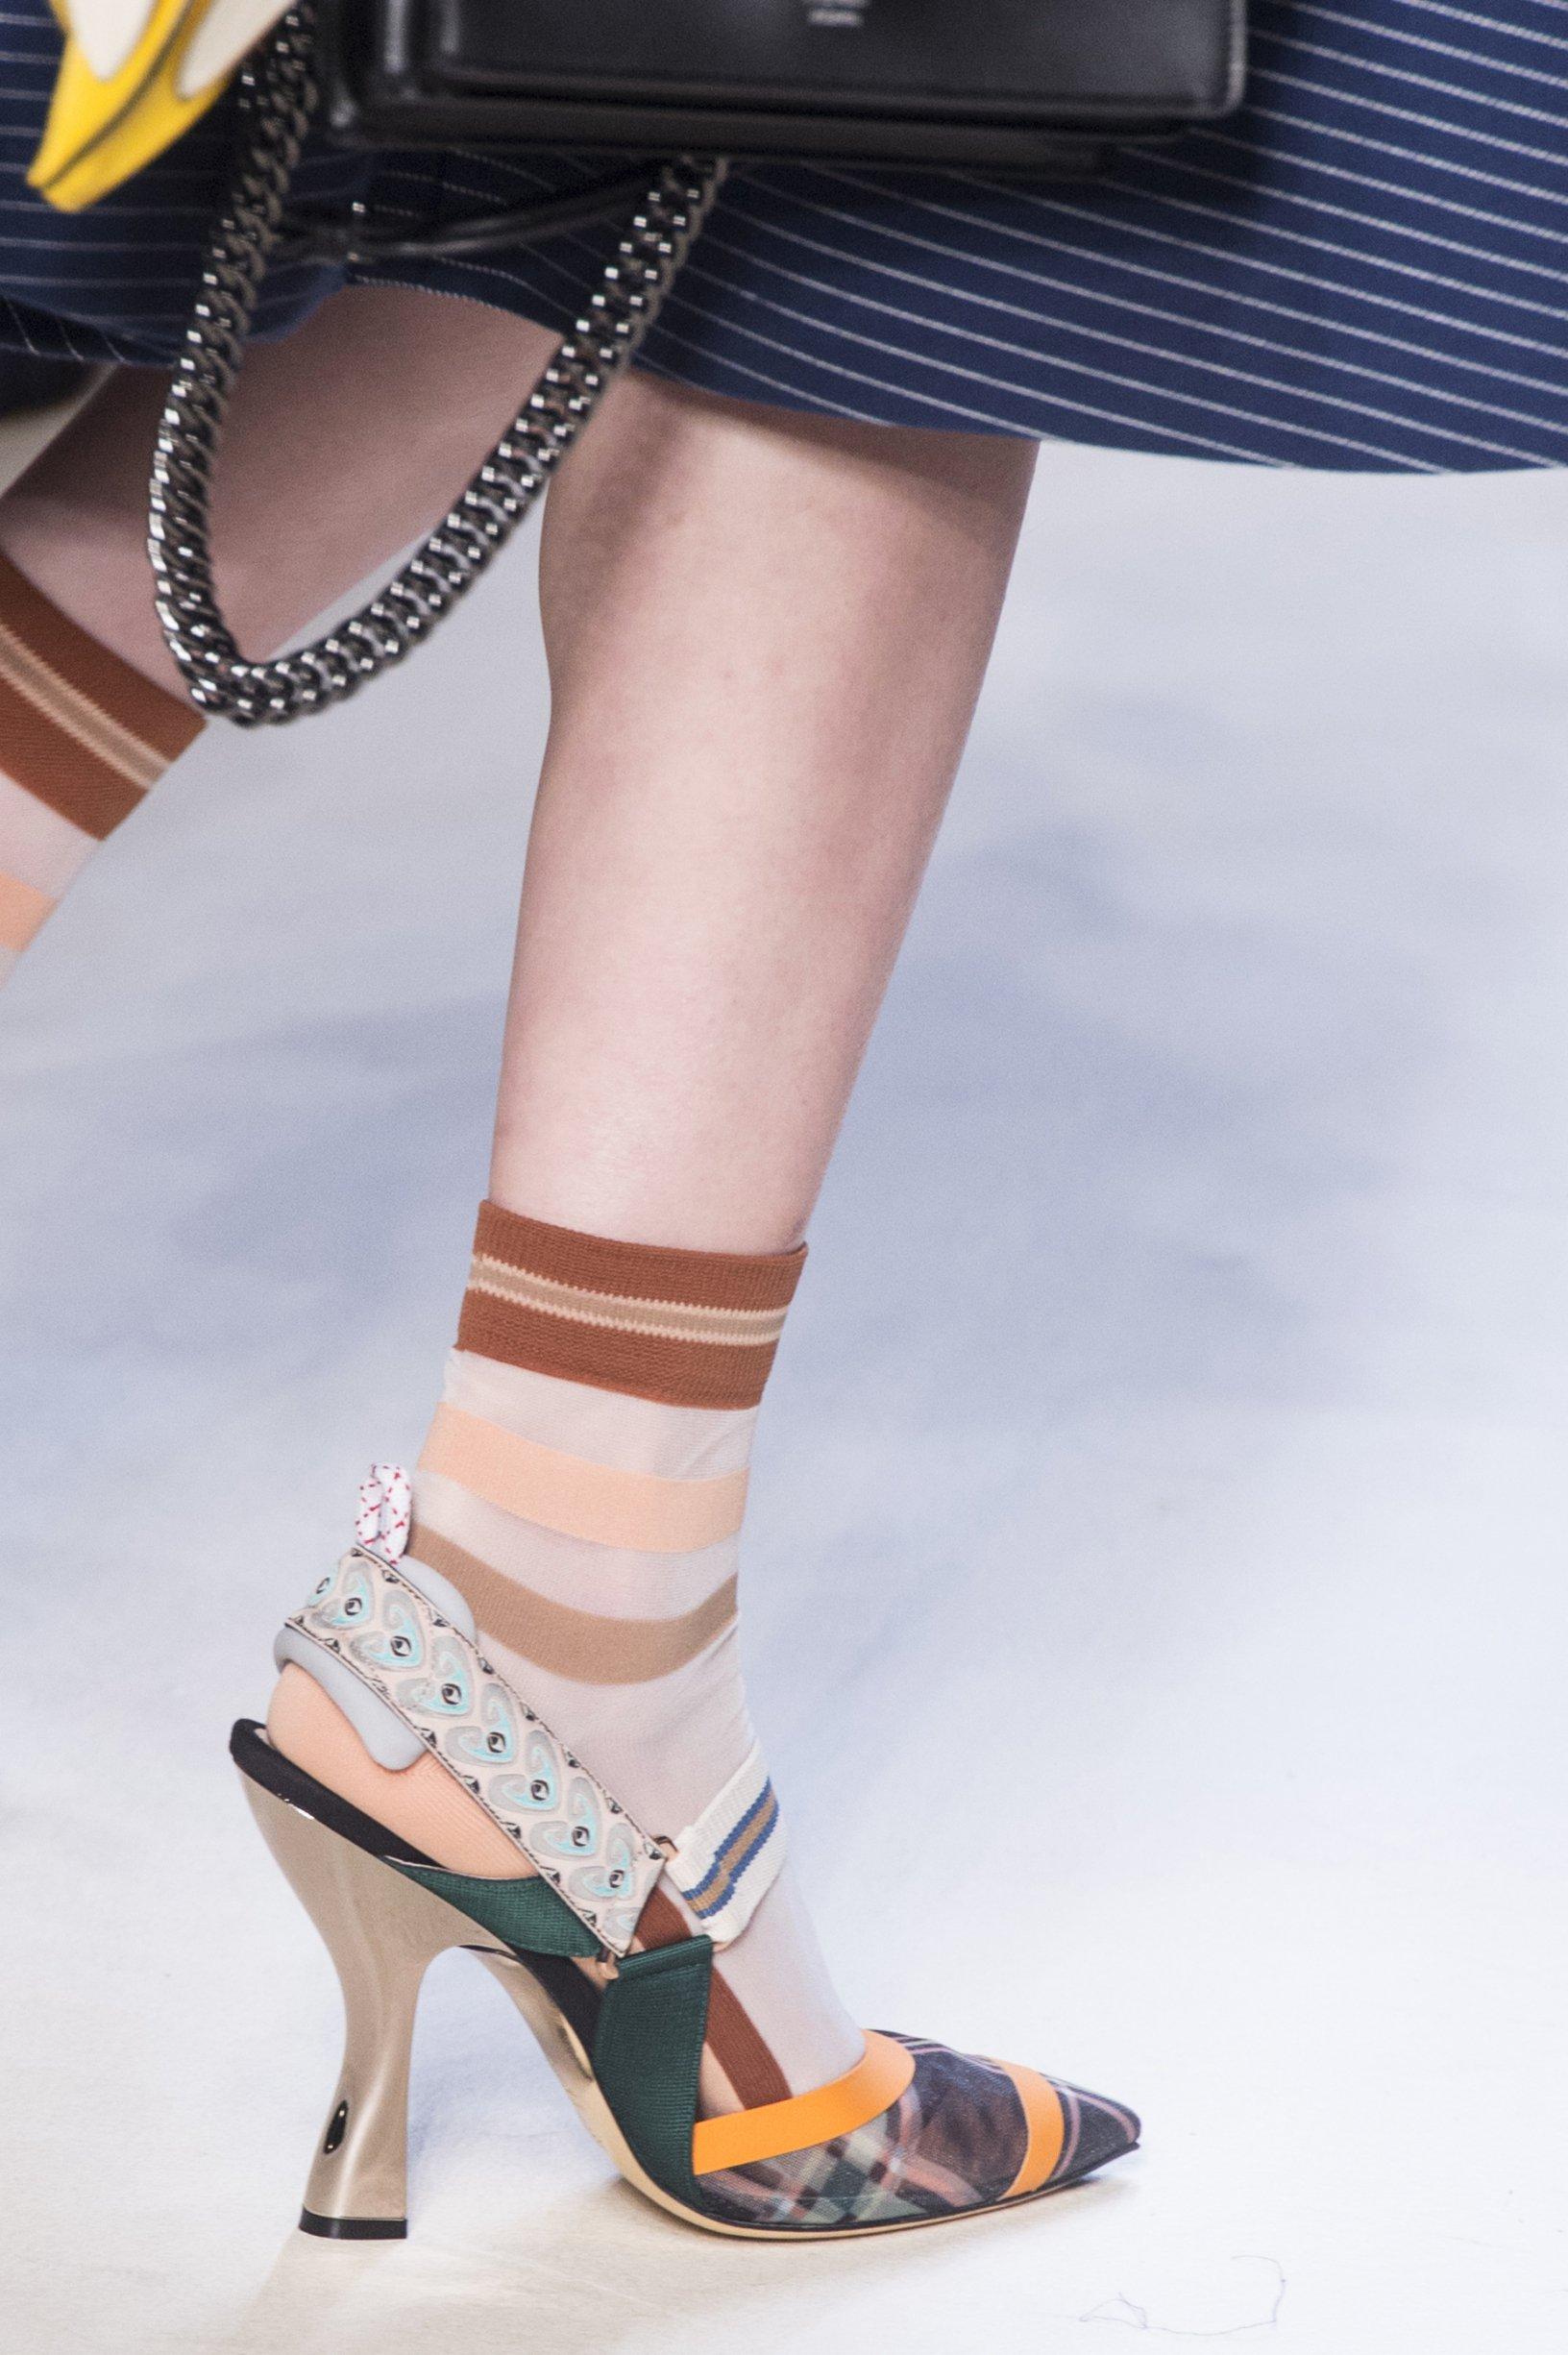 Fendi весна лето 2018 оригинальные туфли